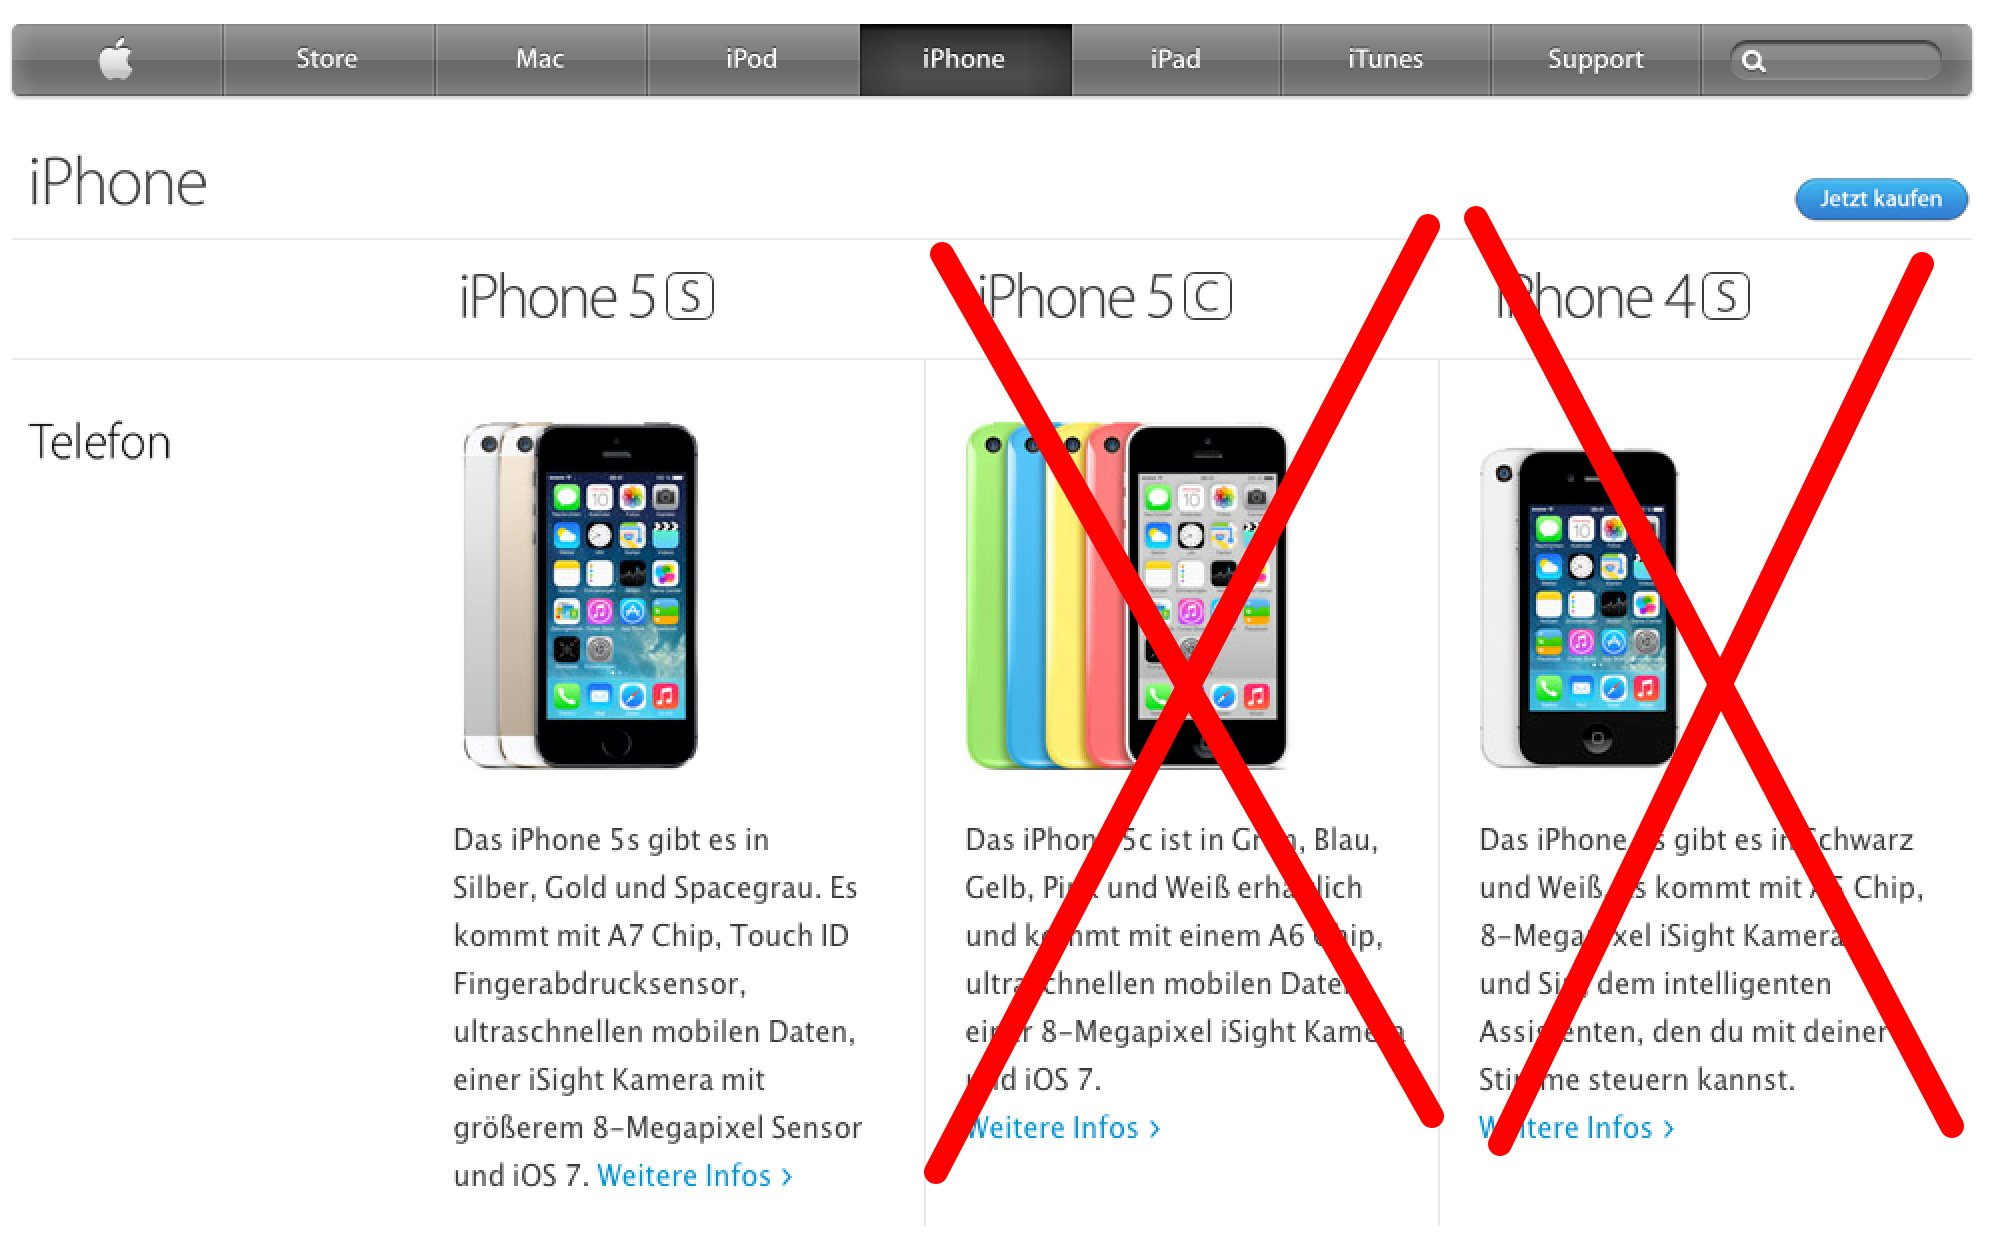 R.I.P. iPhone 5c & iPhone 4S? 8